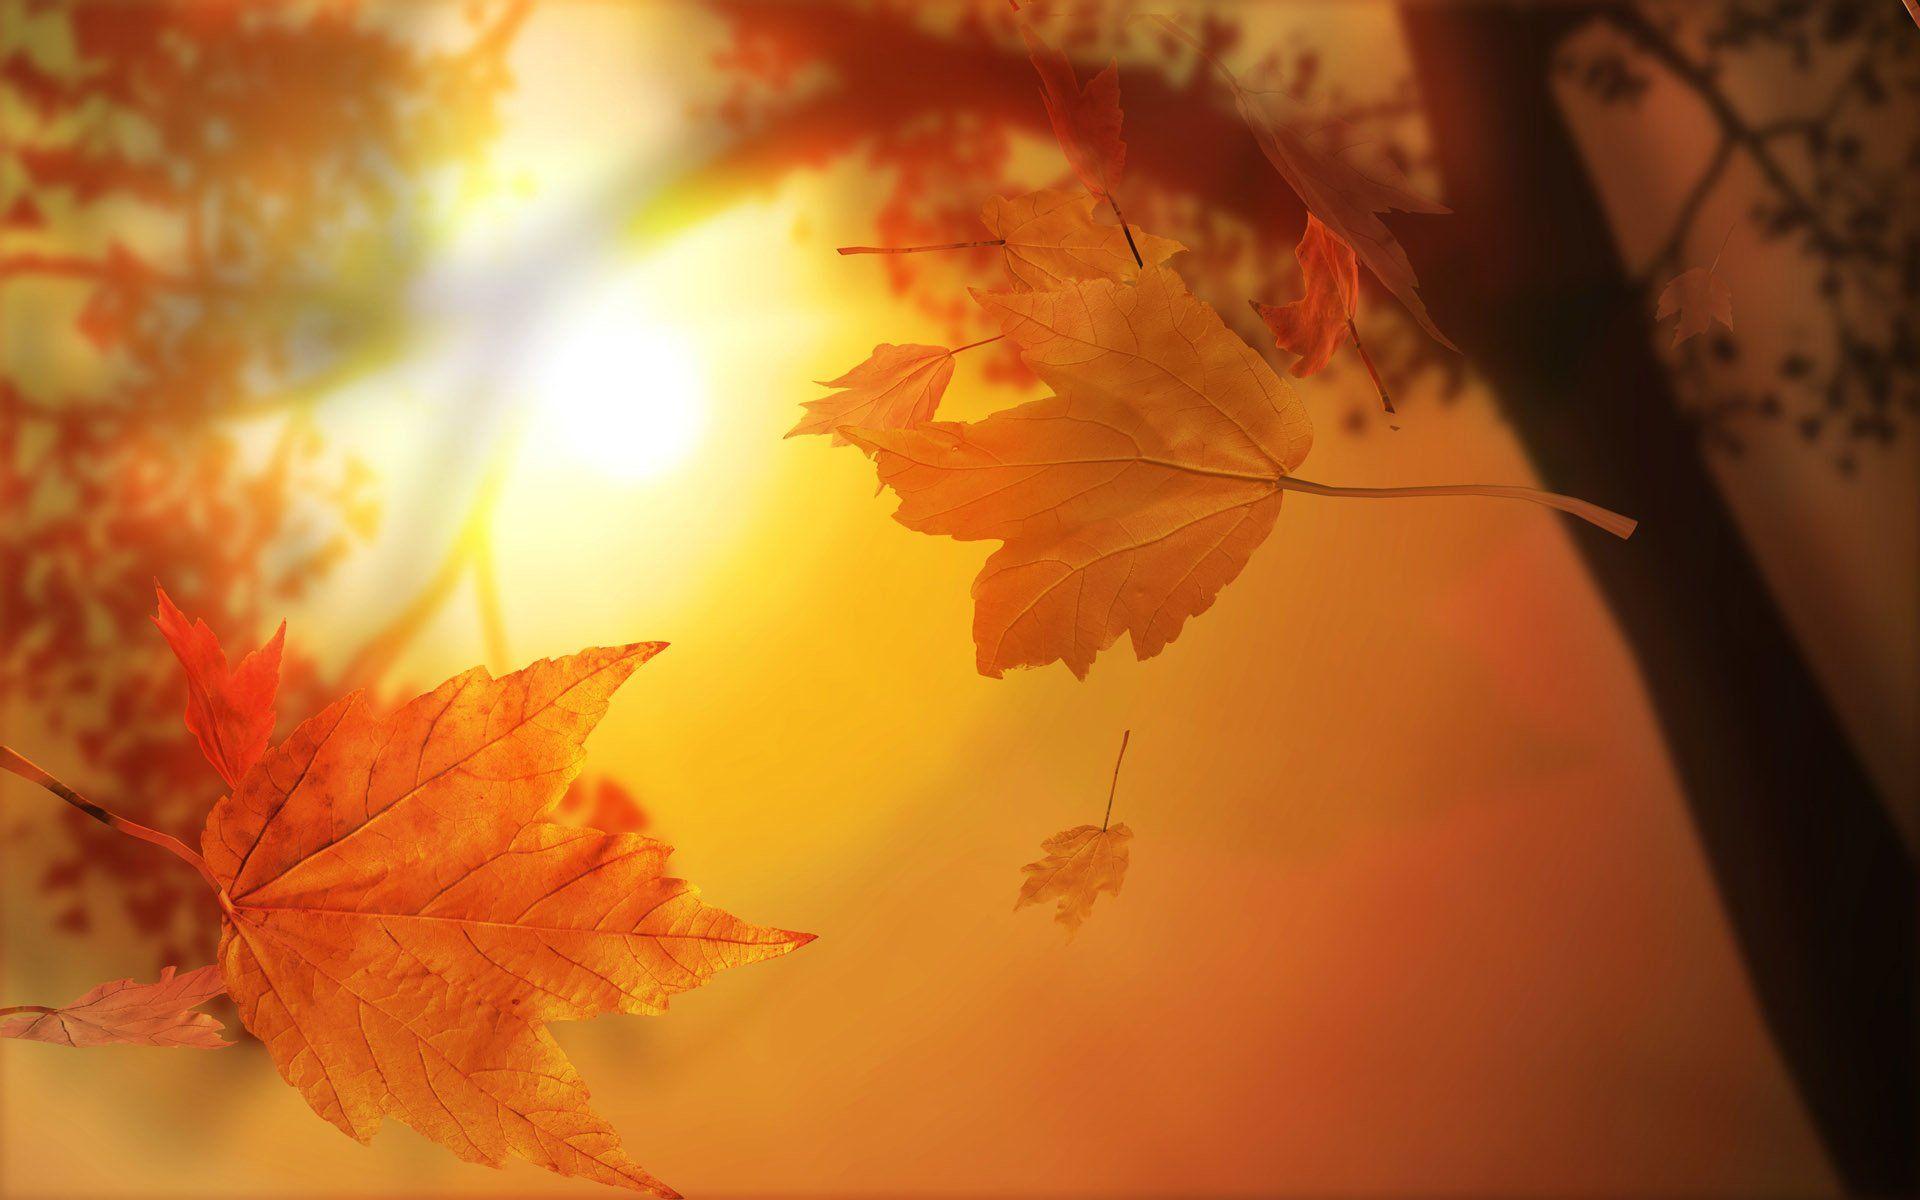 Wallpaper iphone autumn - Best Ideas About Autumn Iphone Wallpaper On Pinterest Fall